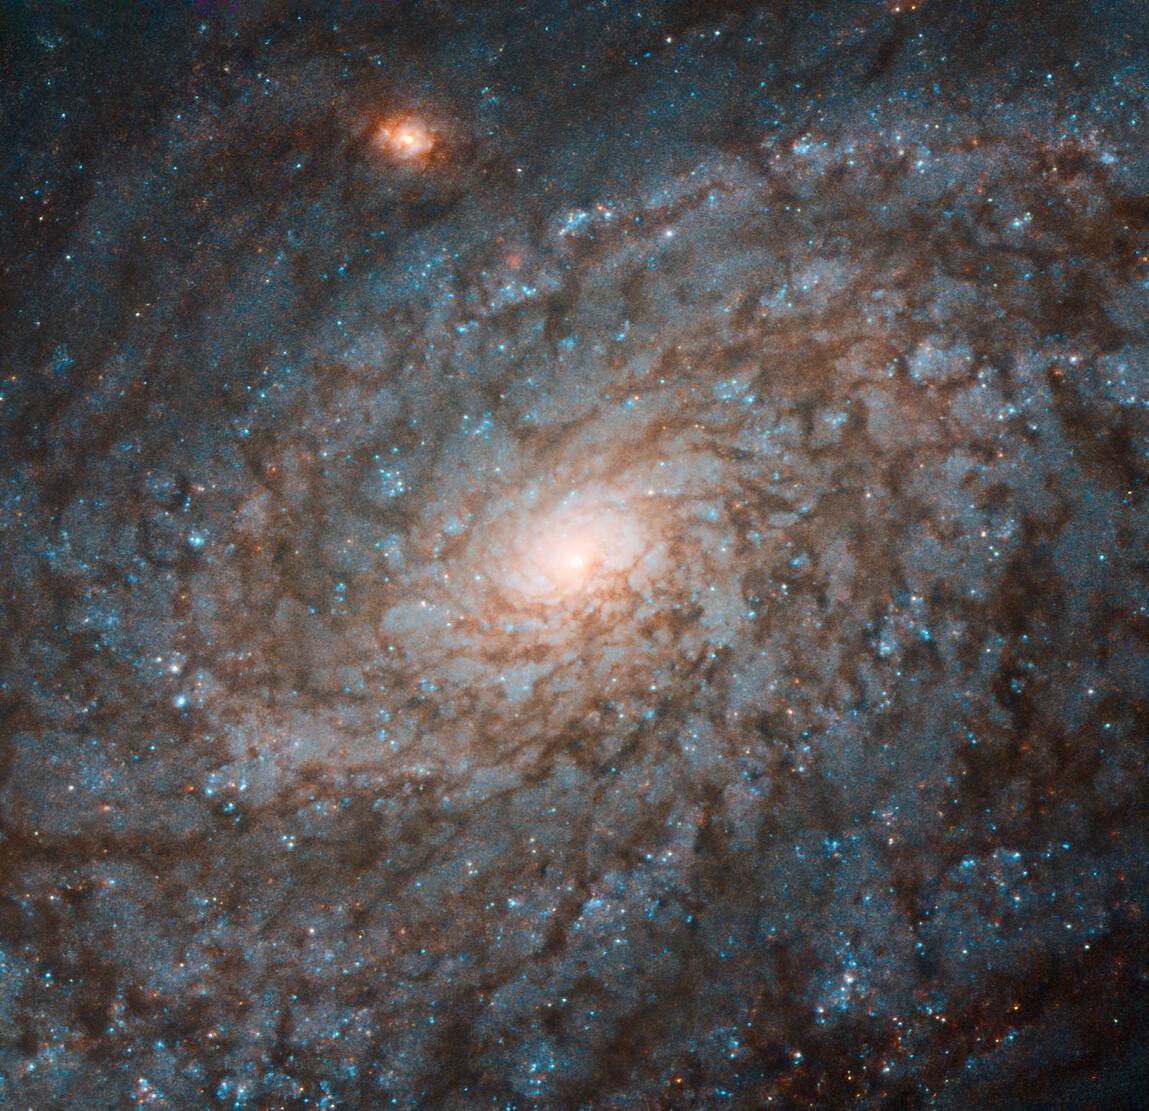 волар исследование галактик картинки зсд ныряем